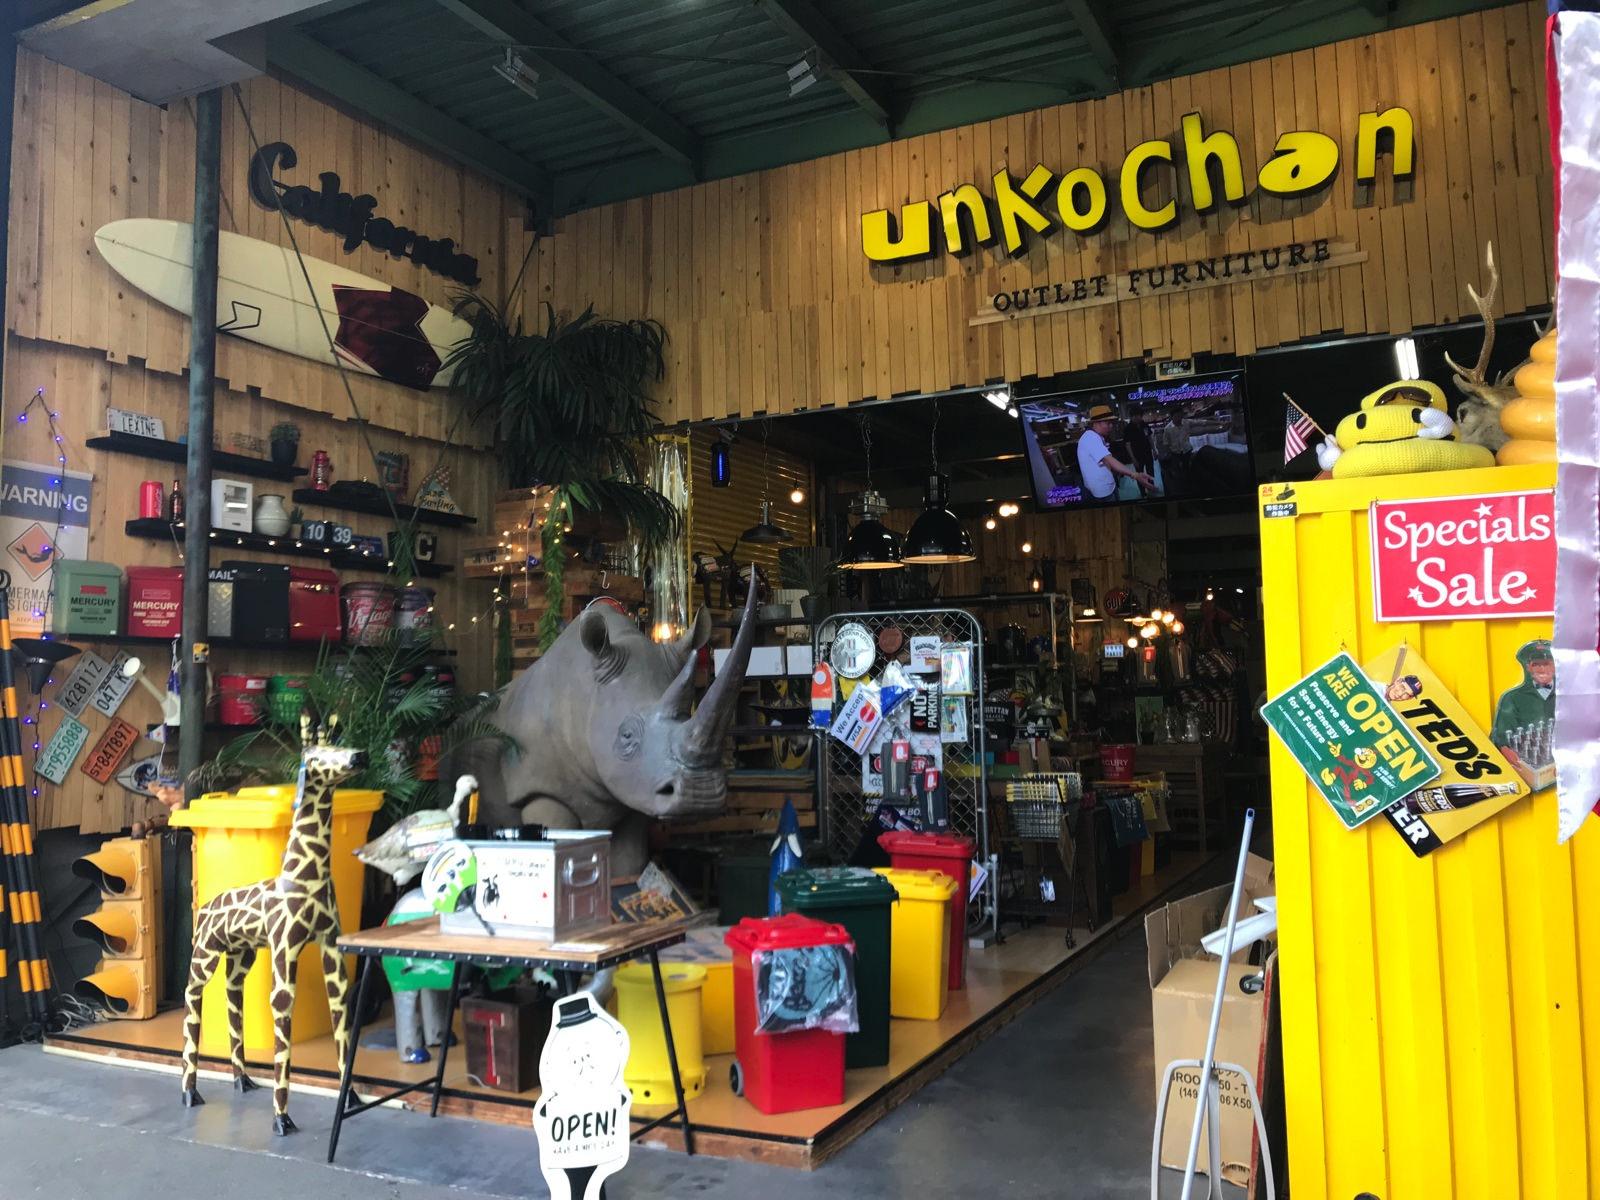 Unkochan16